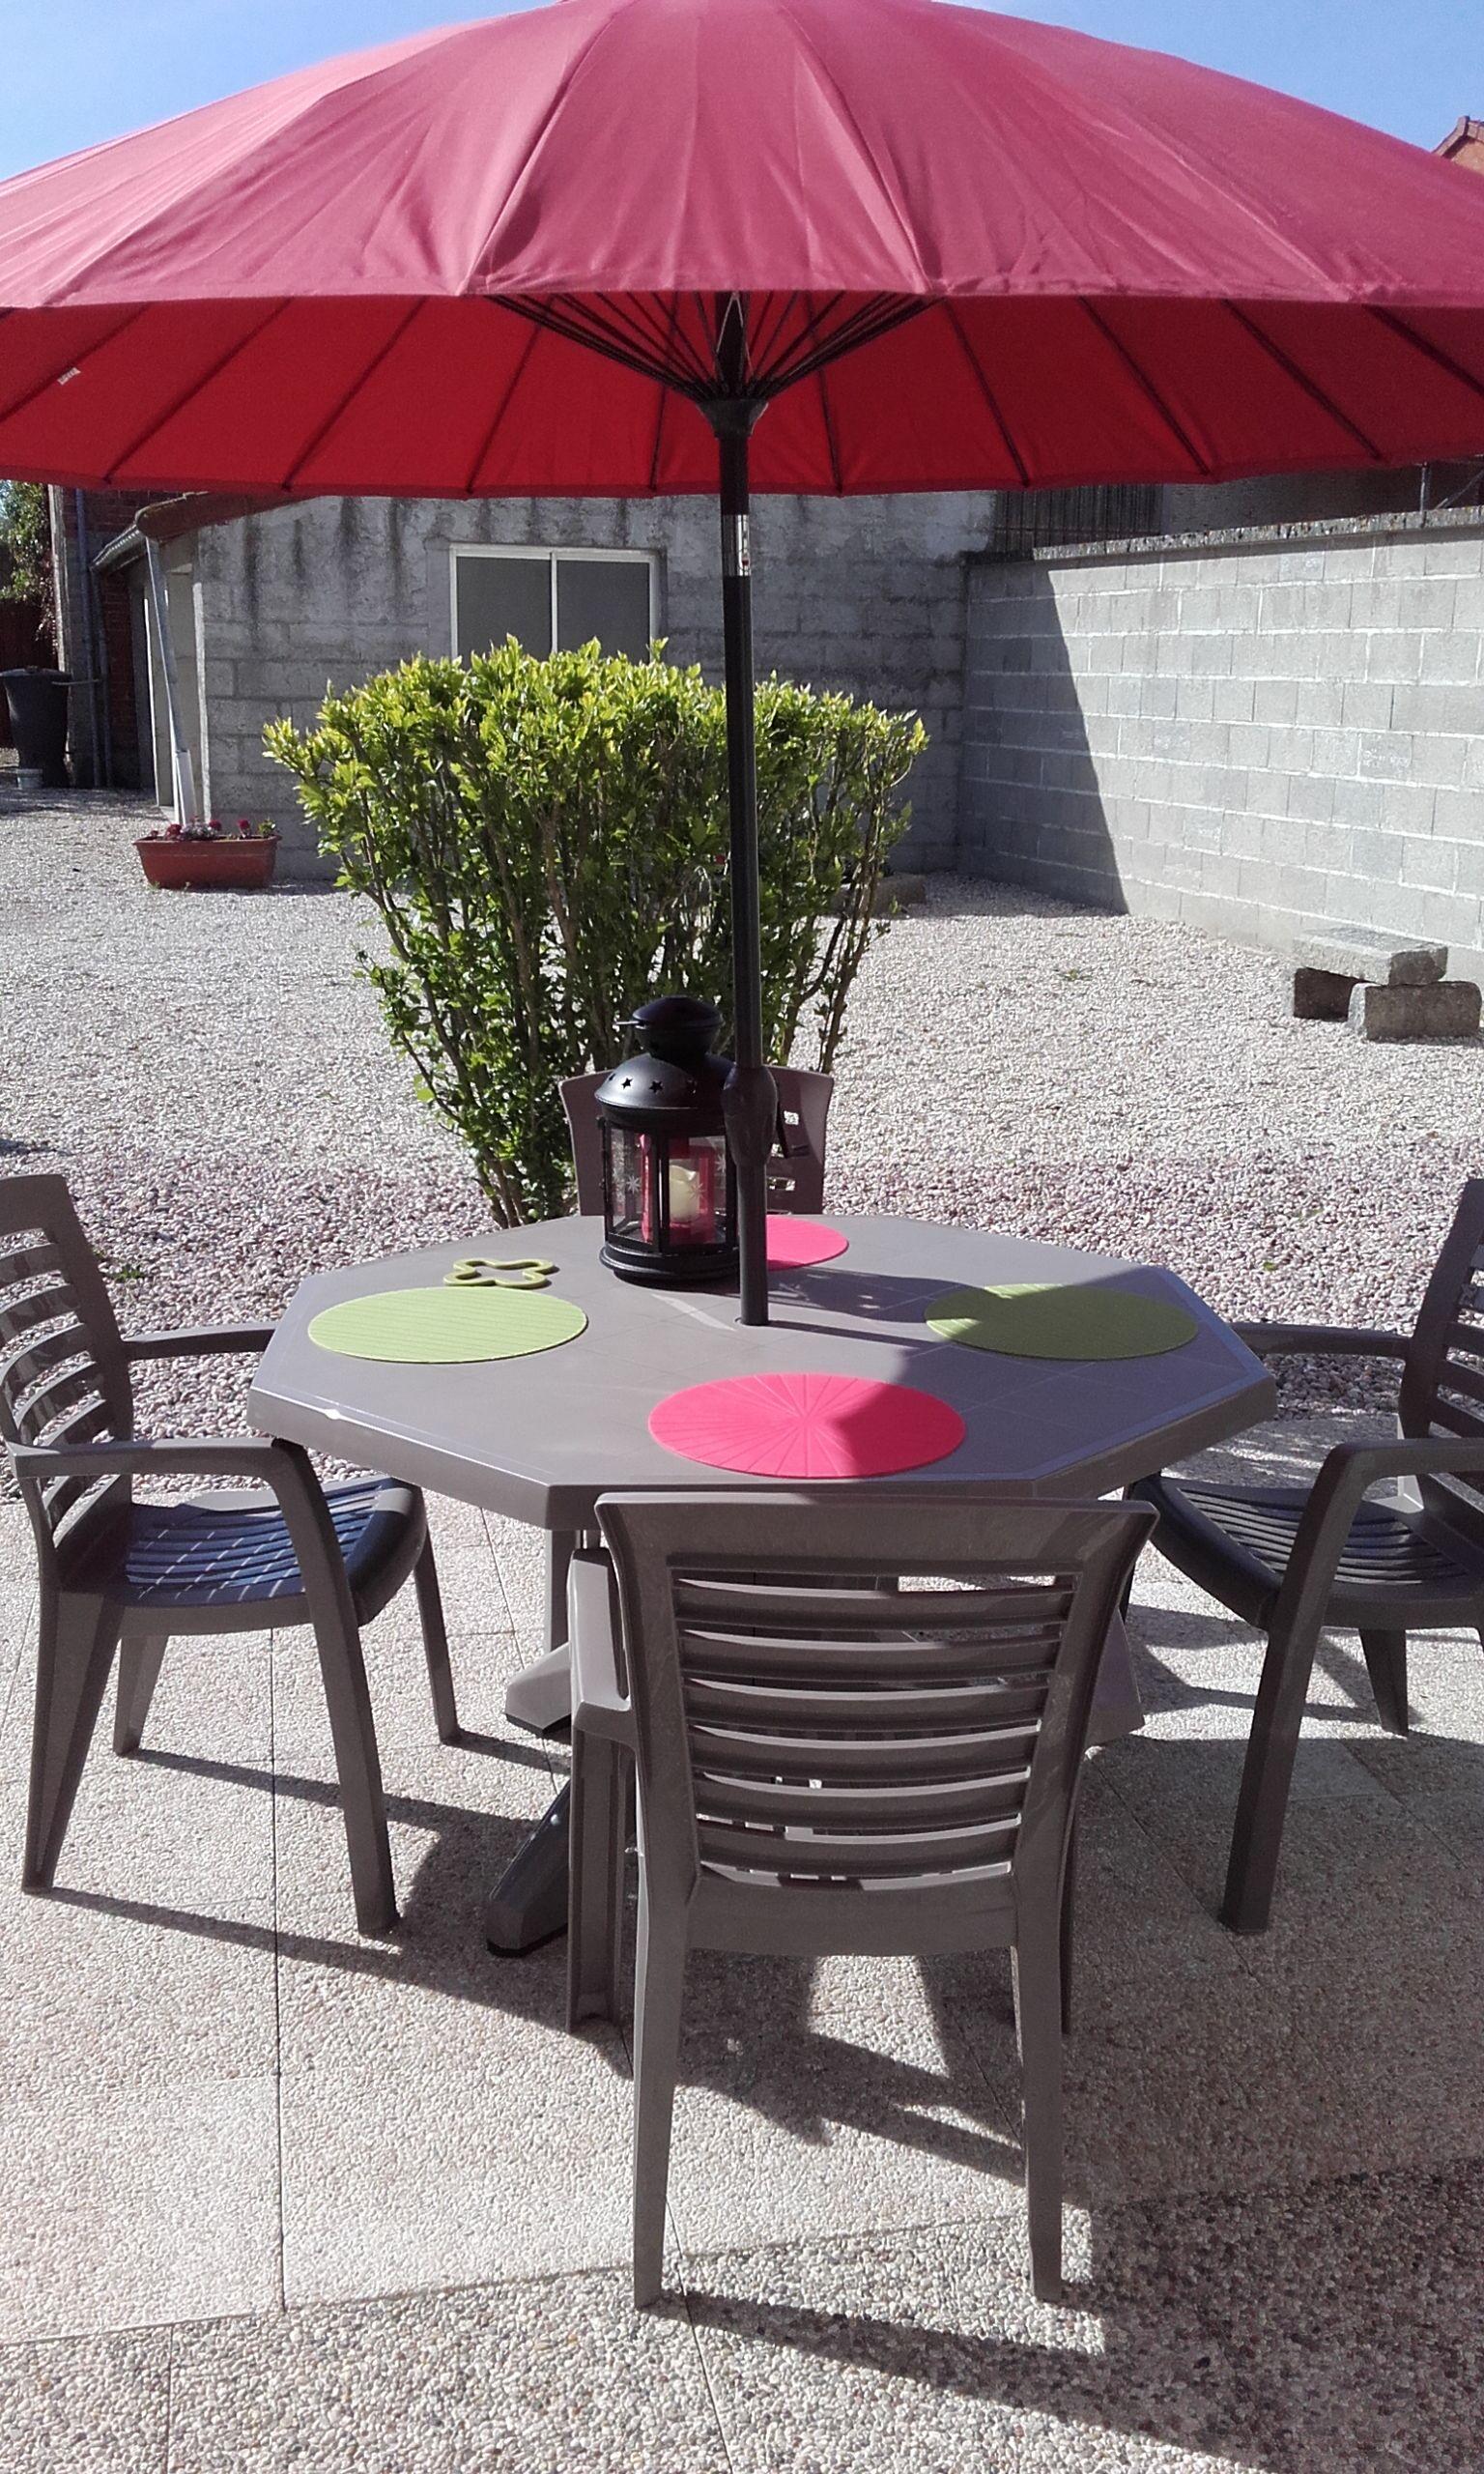 terrasse vue de la cuisine 51G485 - Chez Bri-Gîte - Loisy sur Marne - Gîtes de France Marne